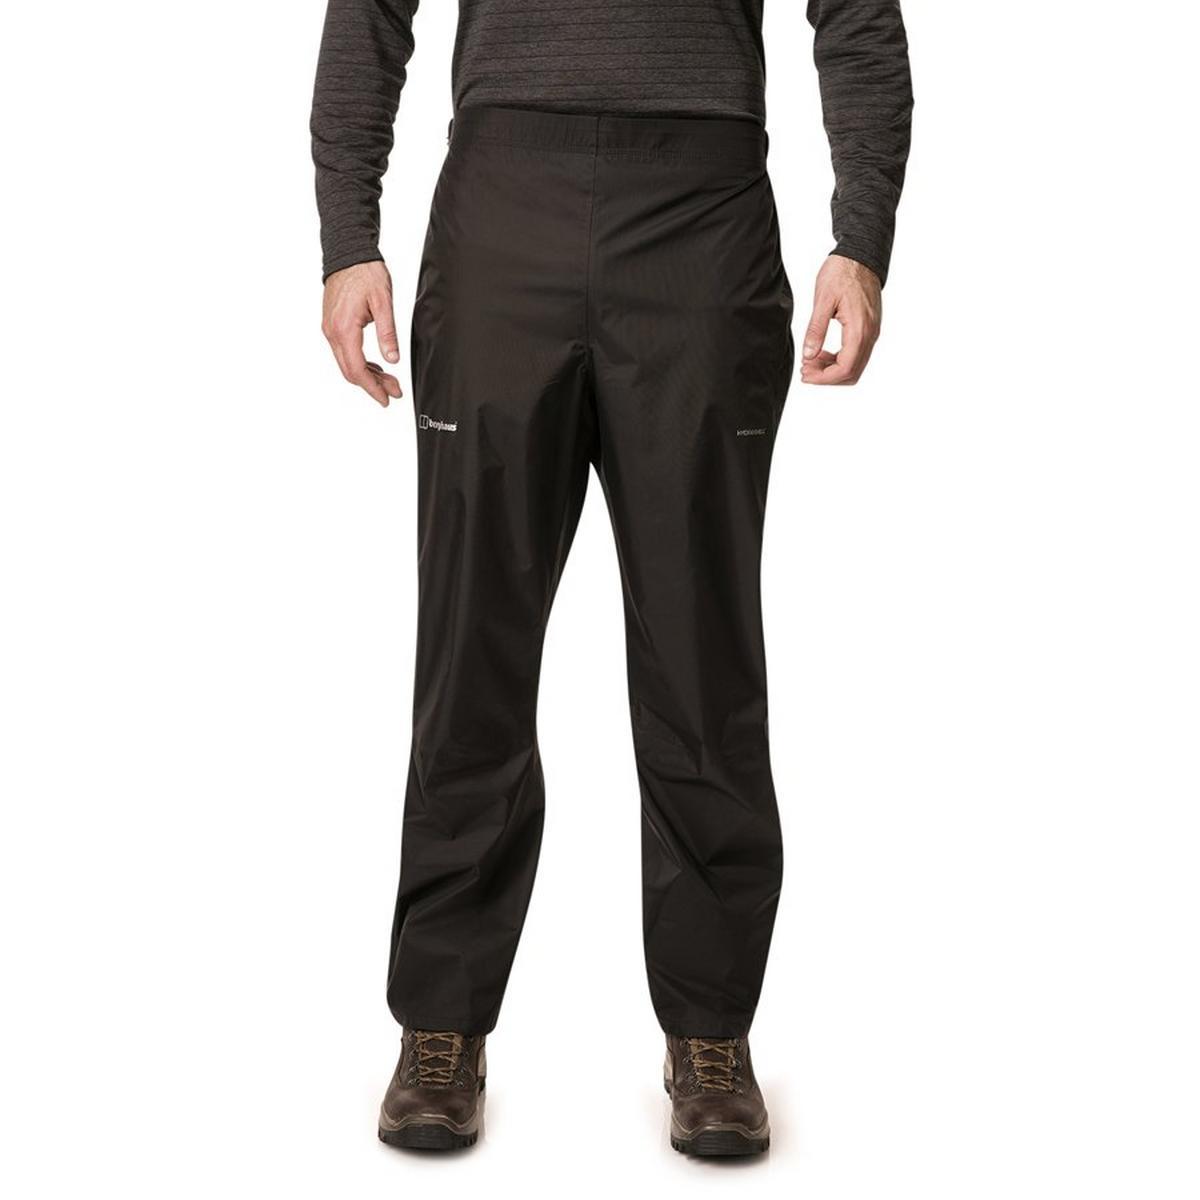 Berghaus Men's Berghaus Deluge 2.0 Waterproof Pant Short - Black